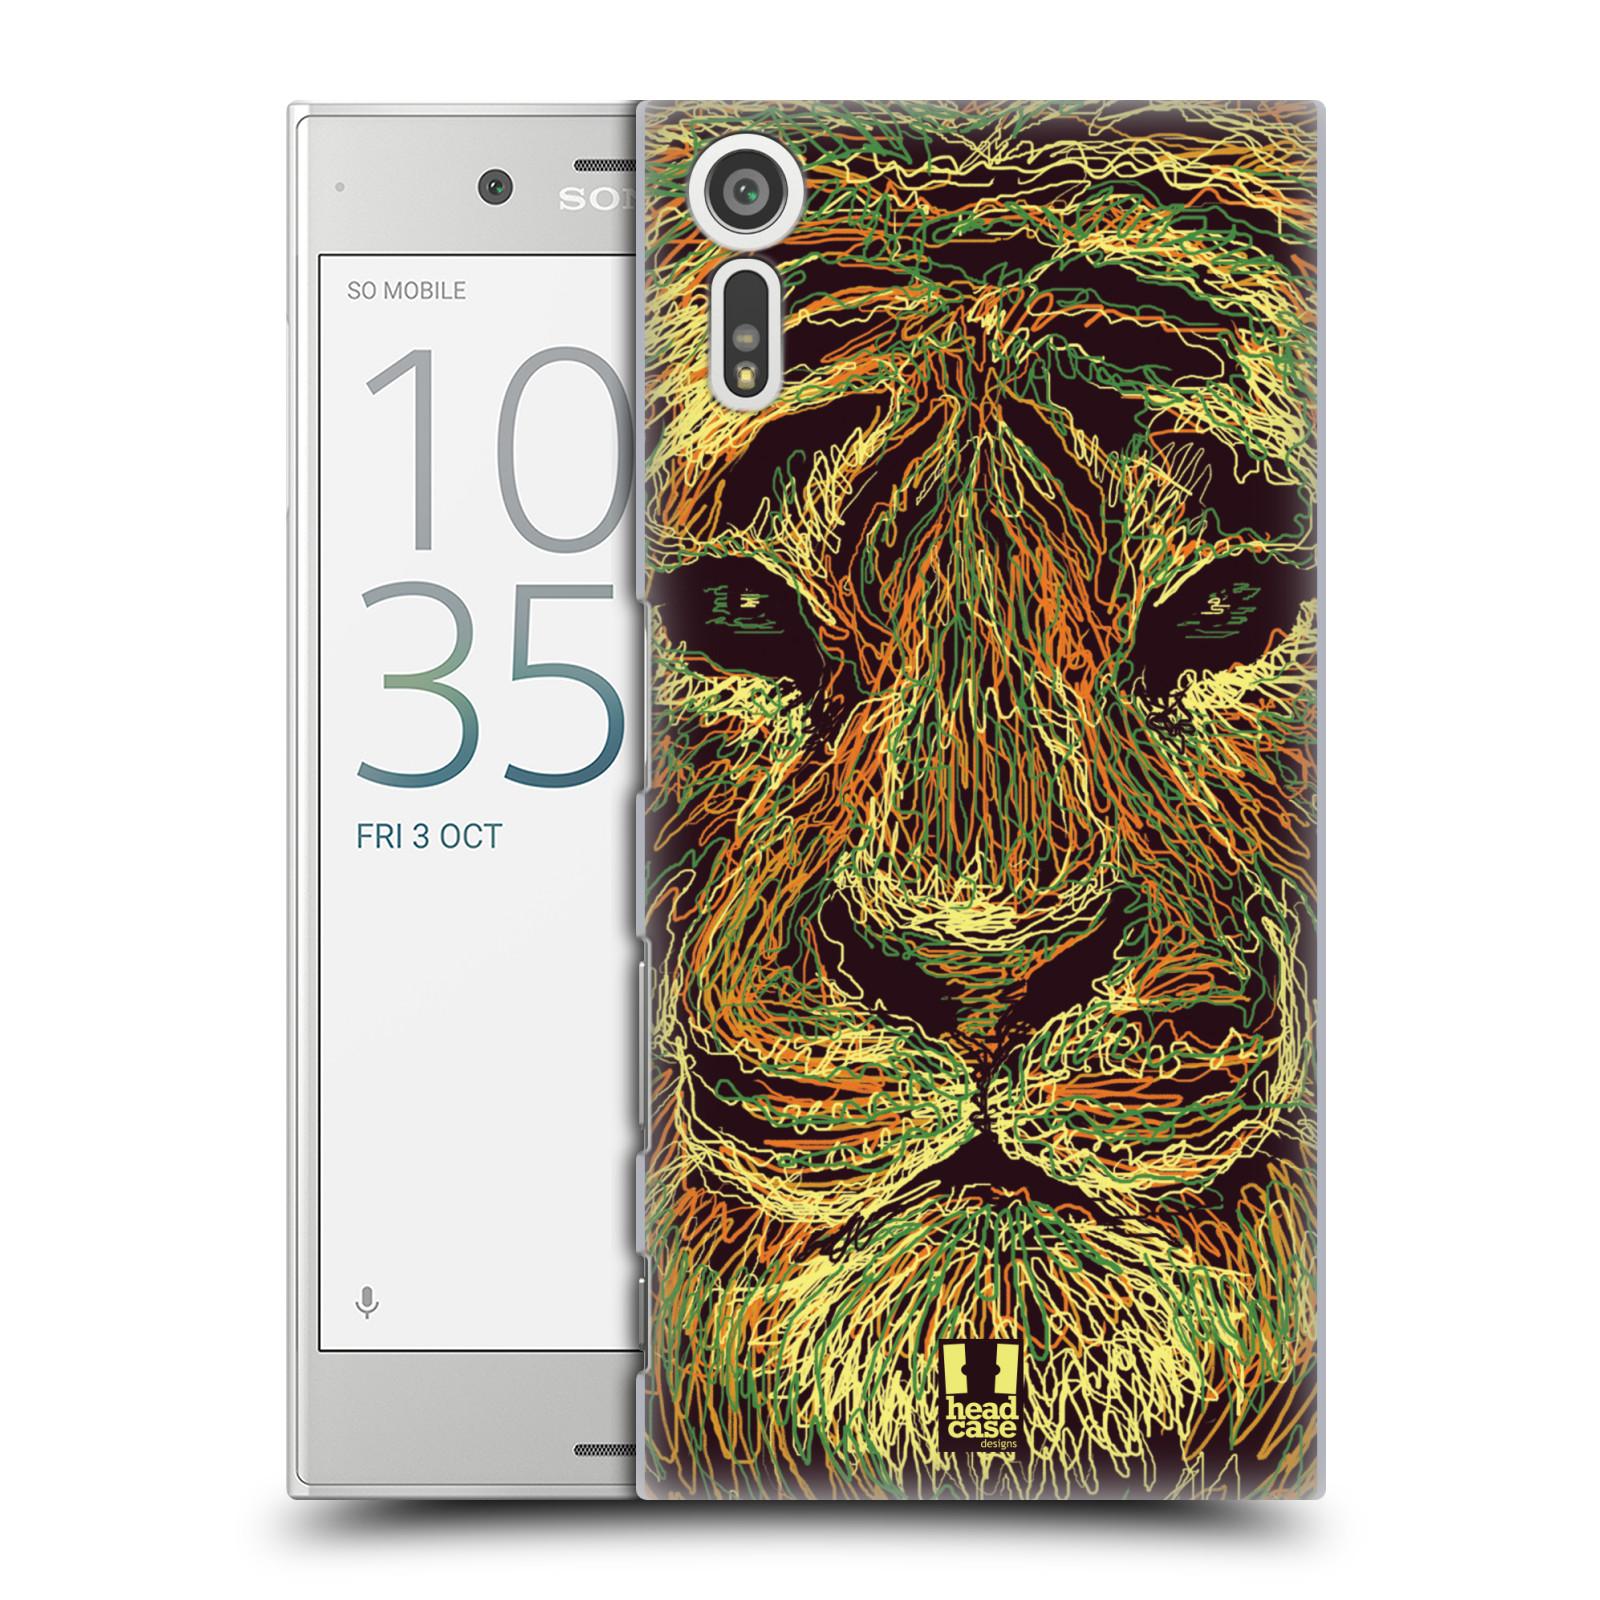 HEAD CASE plastový obal na mobil Sony Xperia XZ vzor zvíře čmáranice tygr